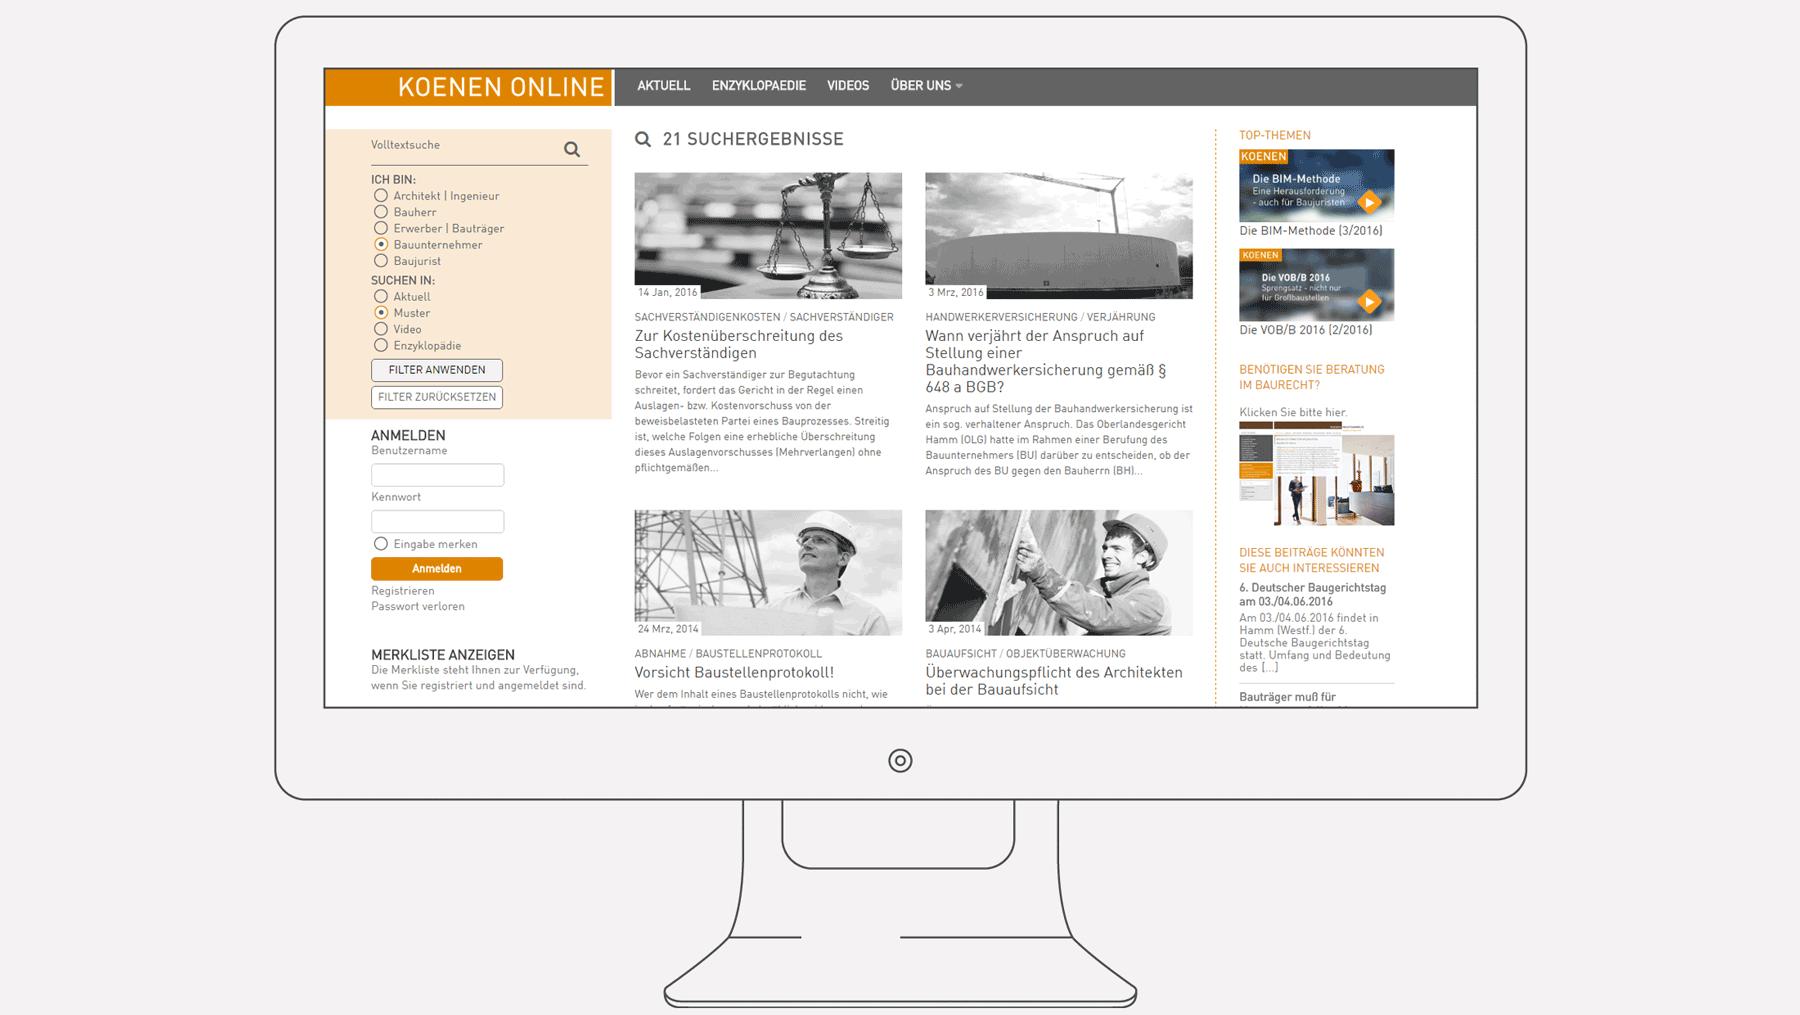 Koenen Online, Juristischer Blog zum Thema Baurecht - Grafikdesign ...